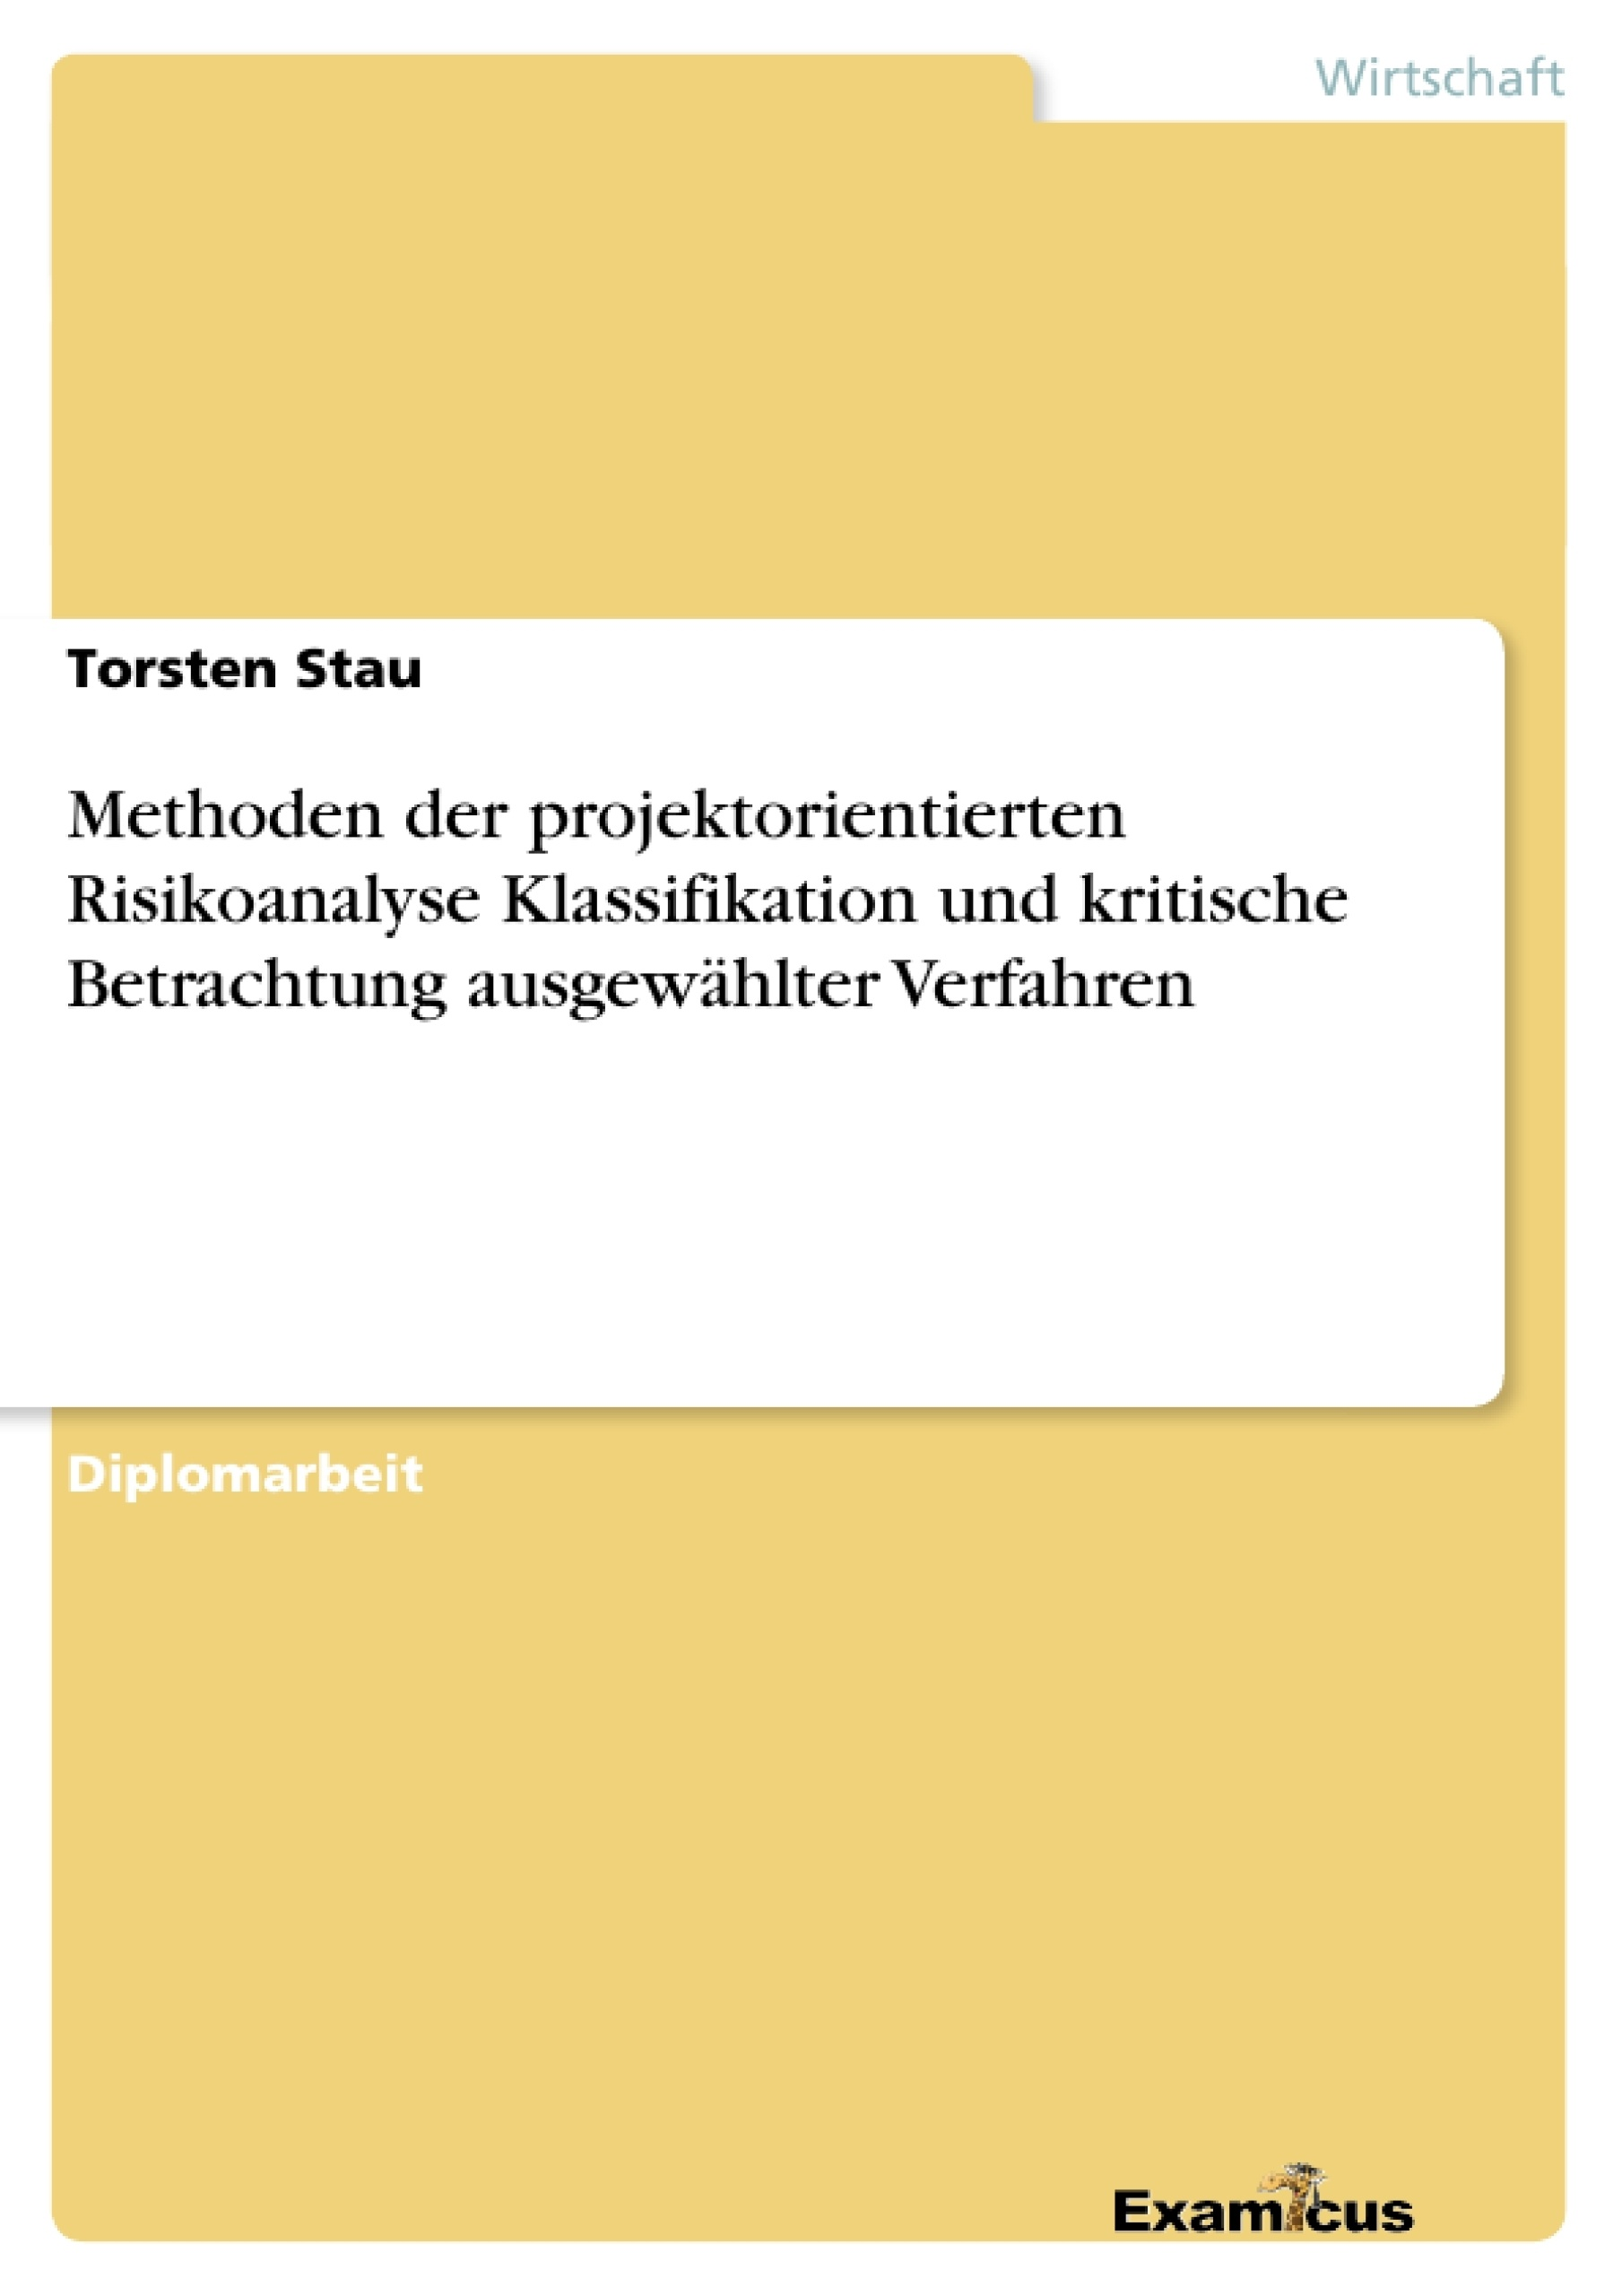 Titel: Methoden der projektorientierten Risikoanalyse Klassifikation und kritische Betrachtung ausgewählter Verfahren